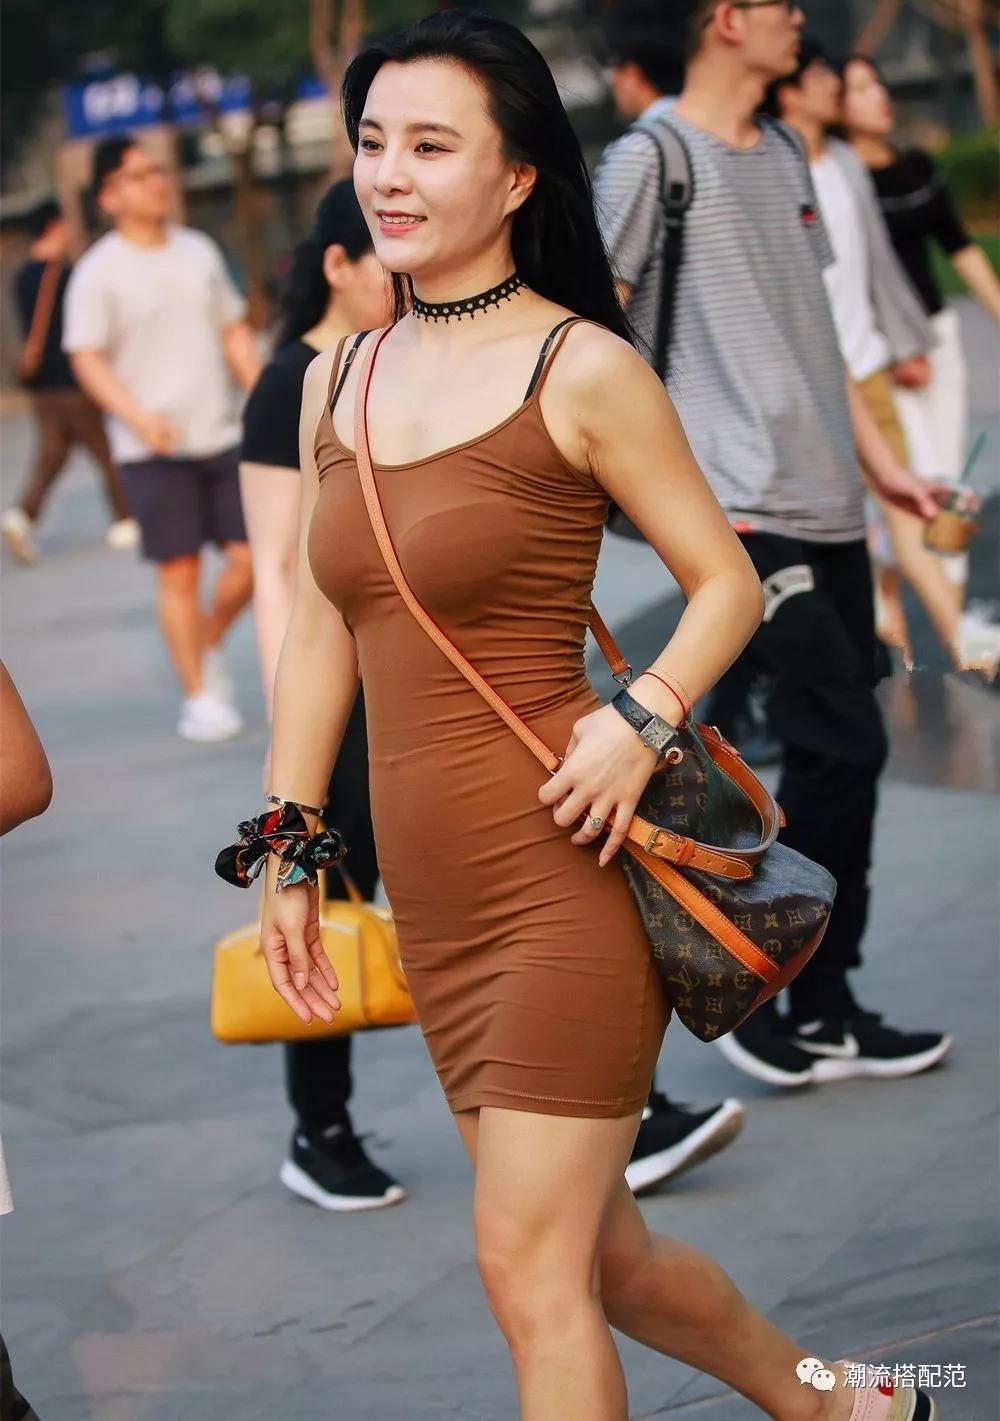 街拍: 肥美的紧身牛仔裤美女, 饱满曲线撑起美感, 女人味十足